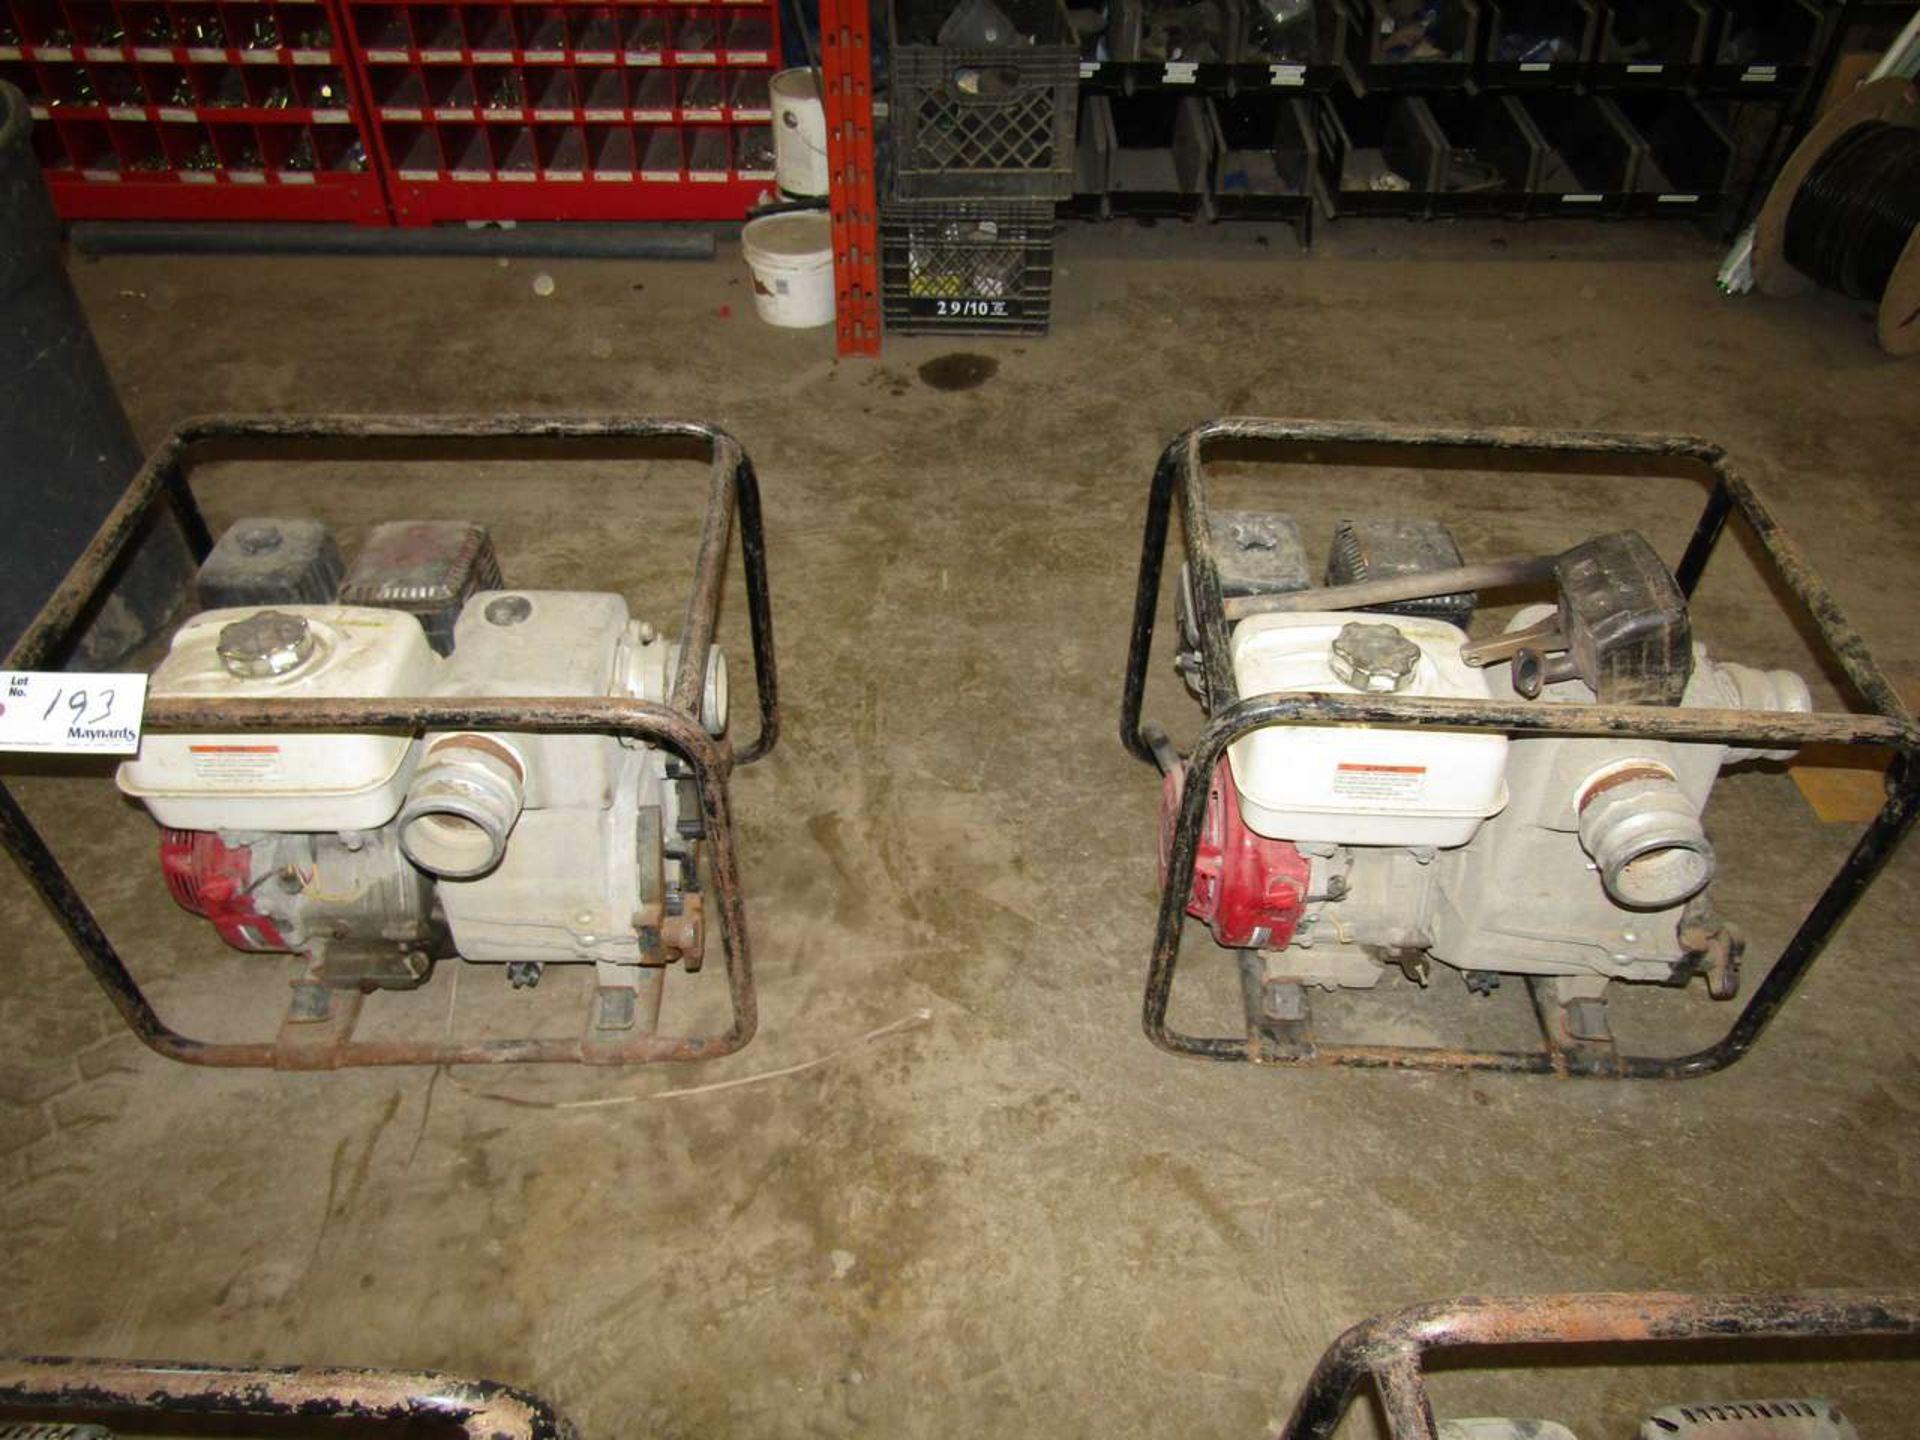 Lot 193 - Honda GX 240 Water Pumps